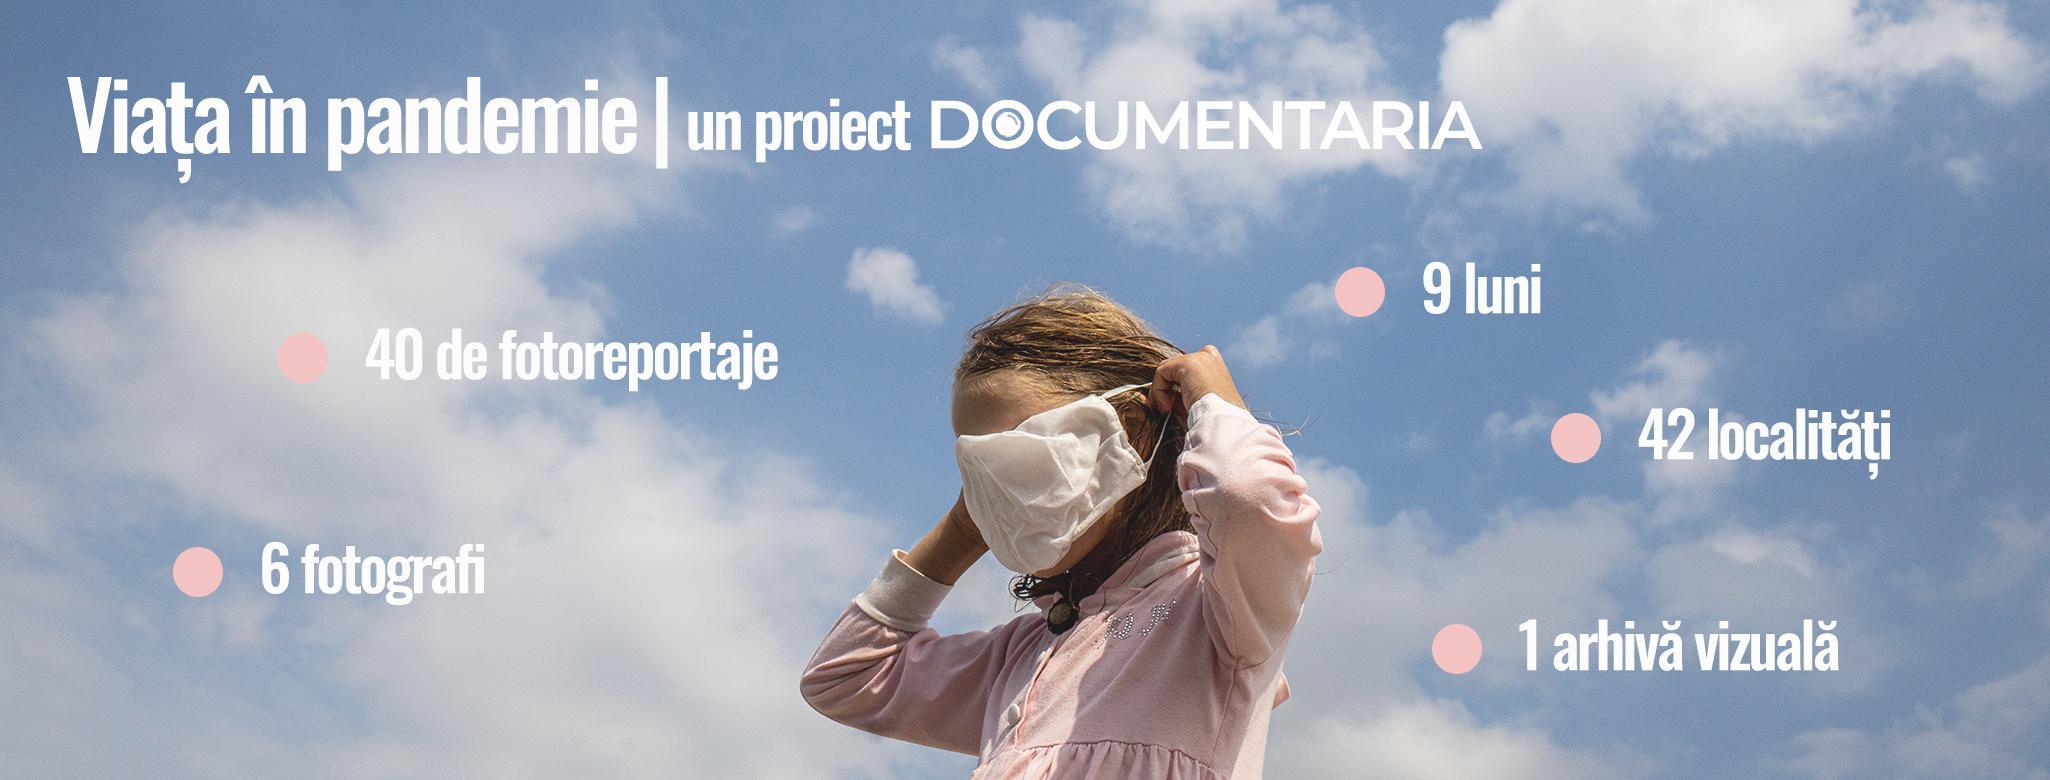 """9 luni, 42 localități, 6 fotografi și un proiect vizual: """"Viața în pandemie"""""""